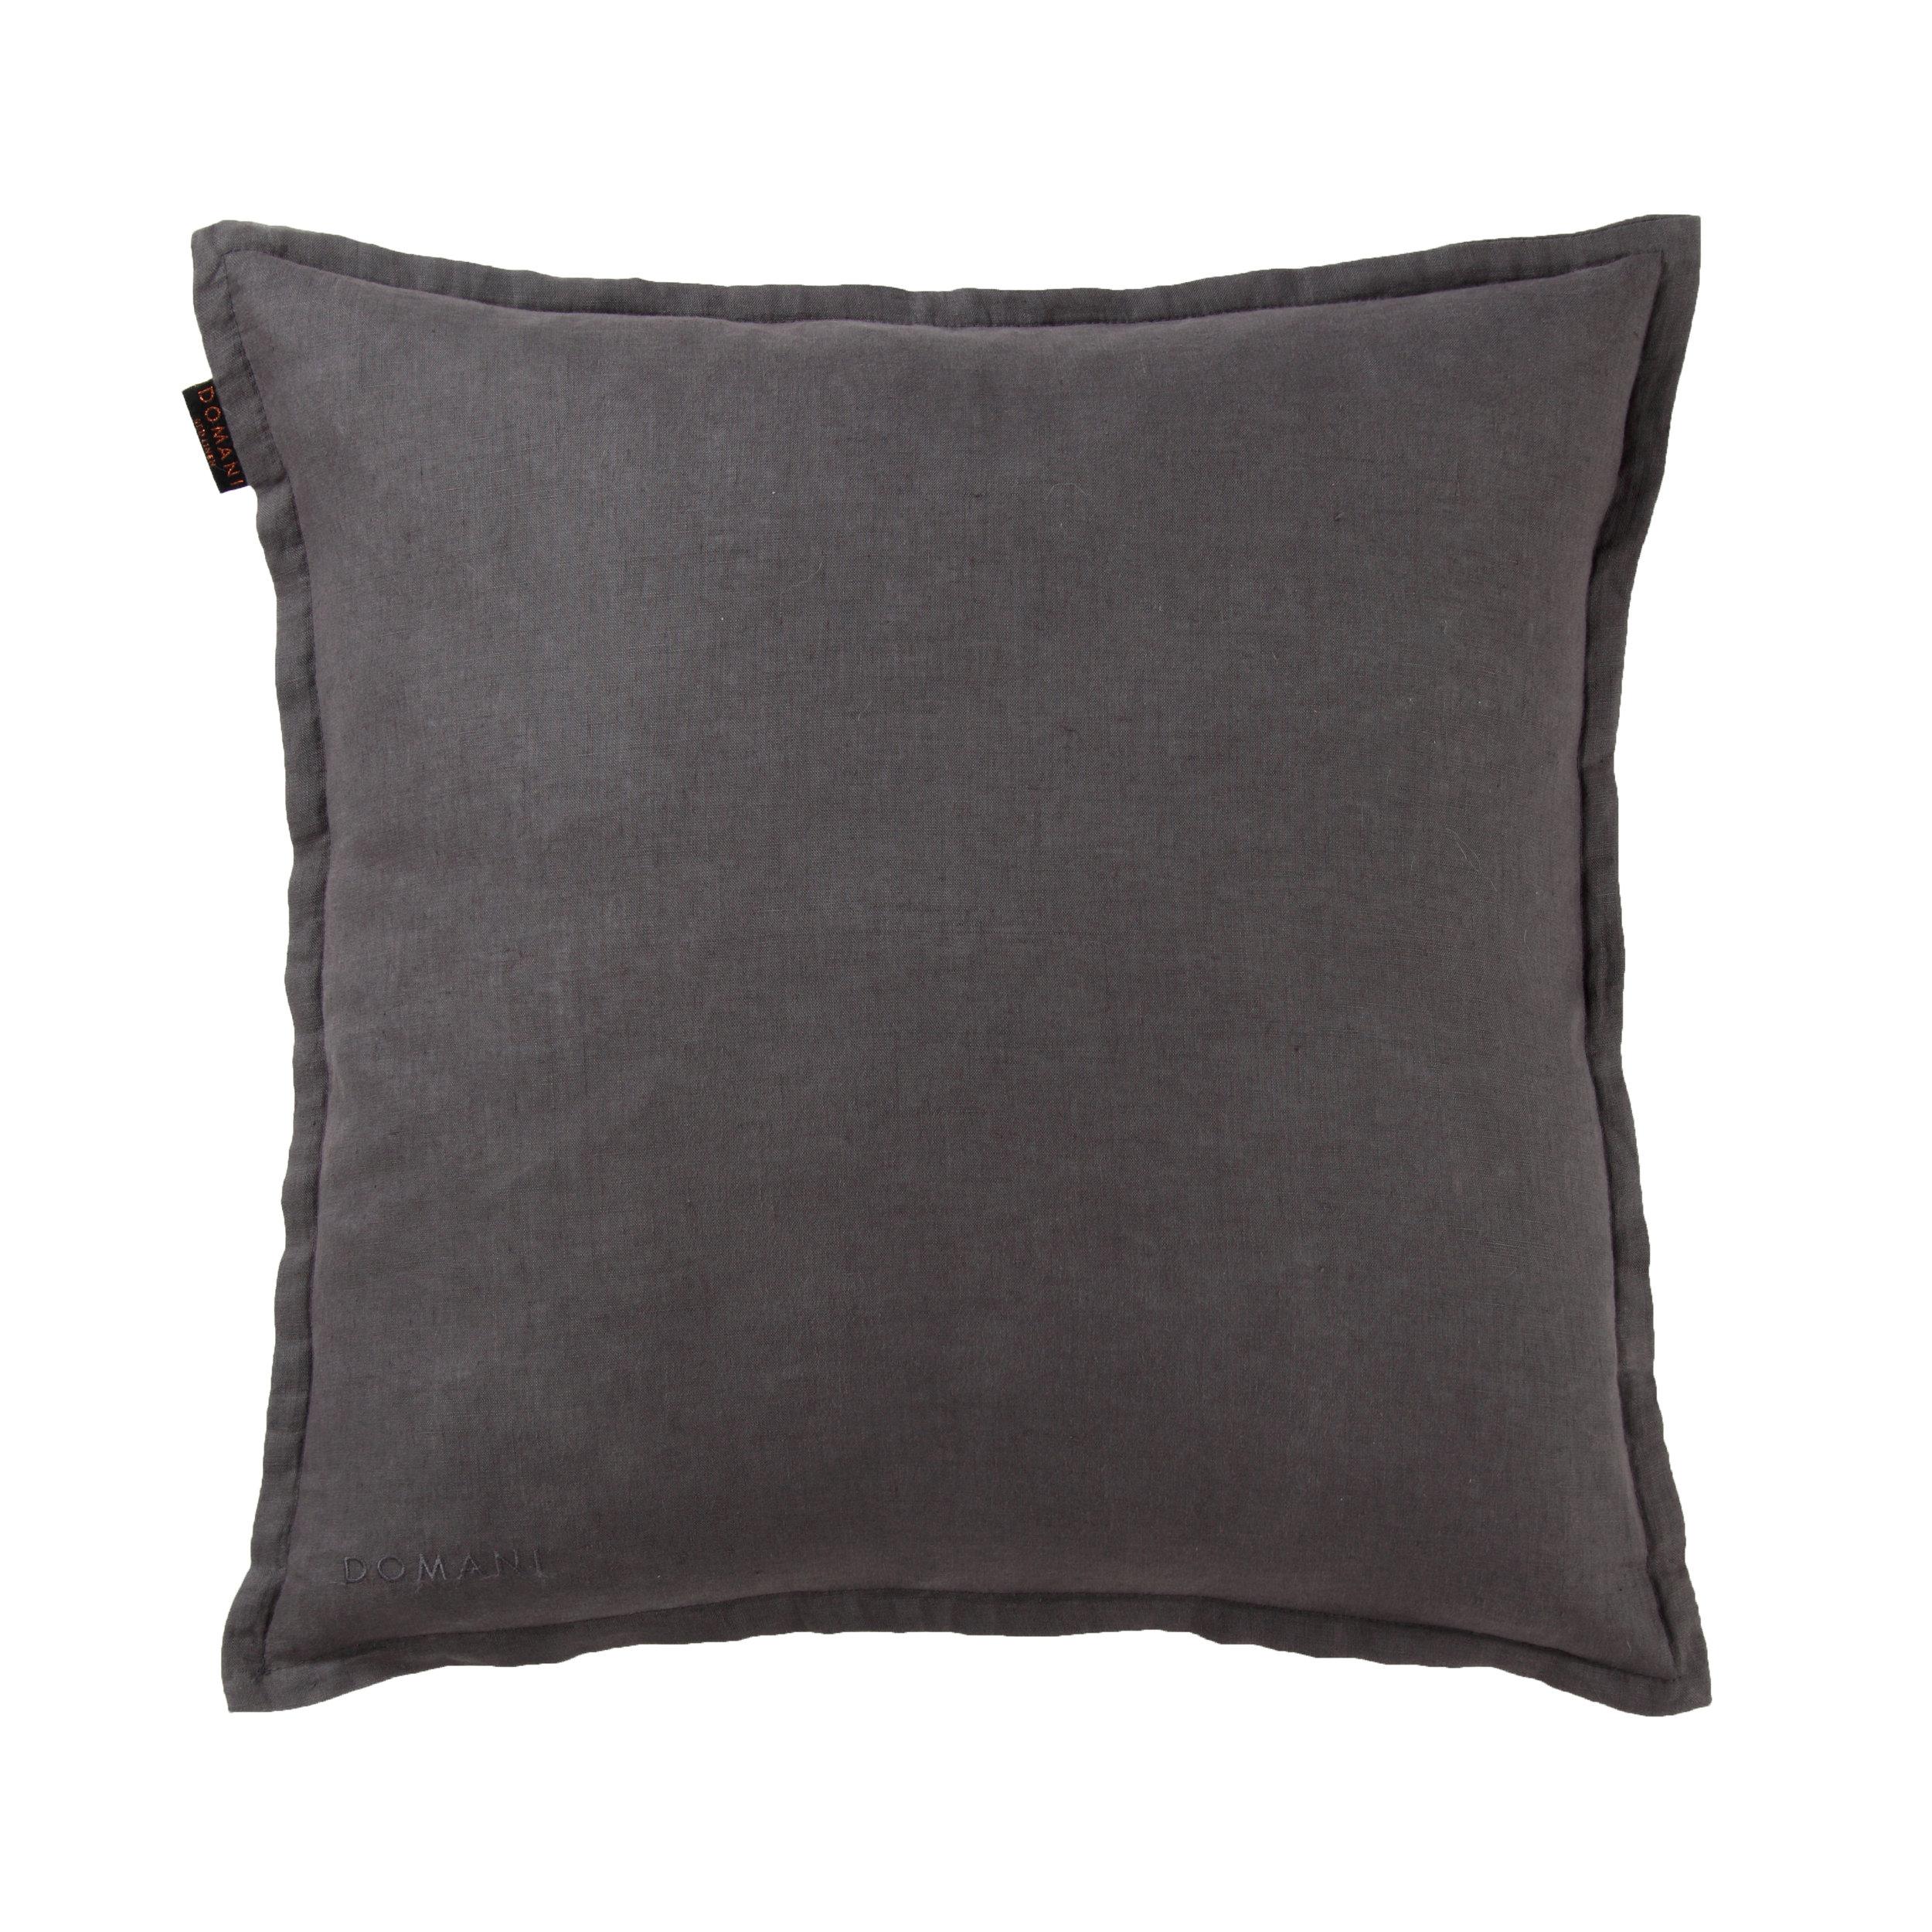 Domani Toscana Cushion Charcoal.JPG